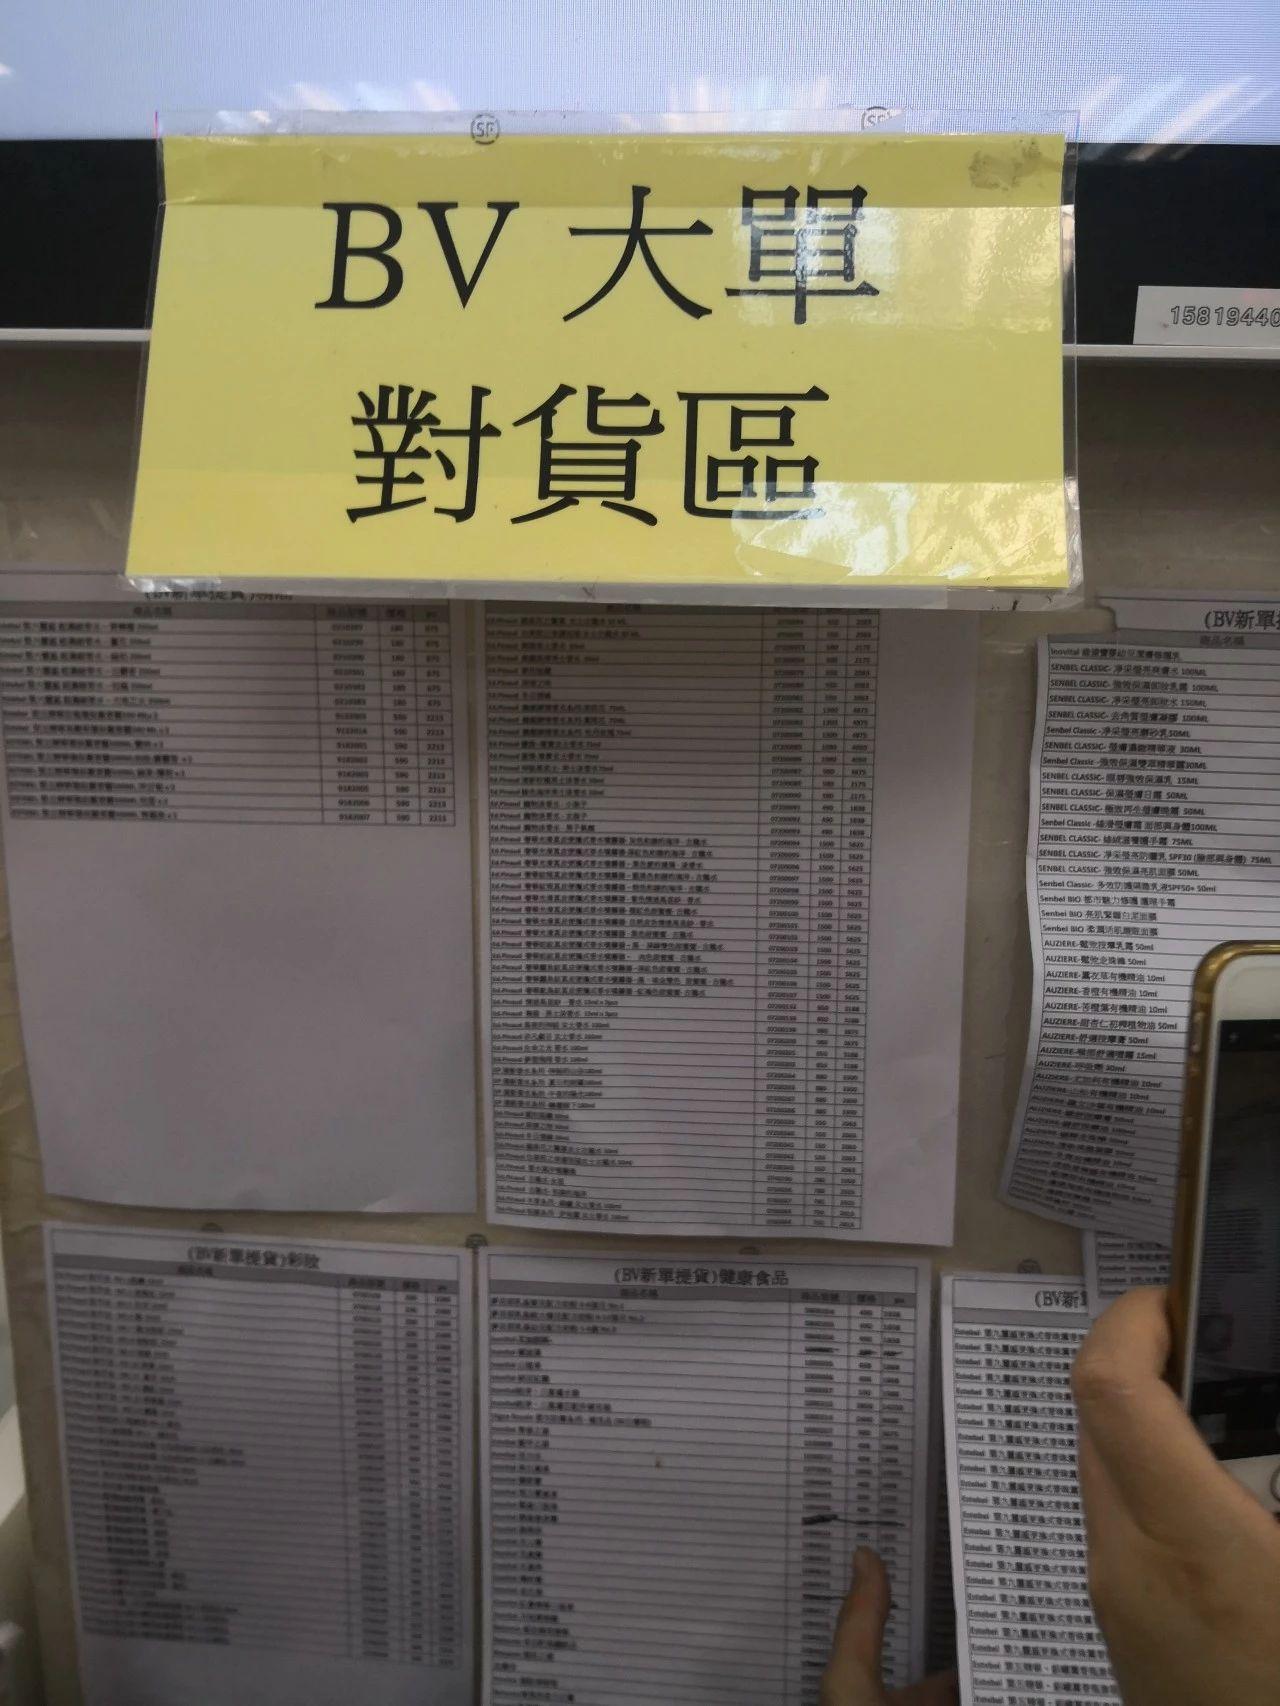 年骗百亿!香港亮碧思传销:一门嗜血的人头生意